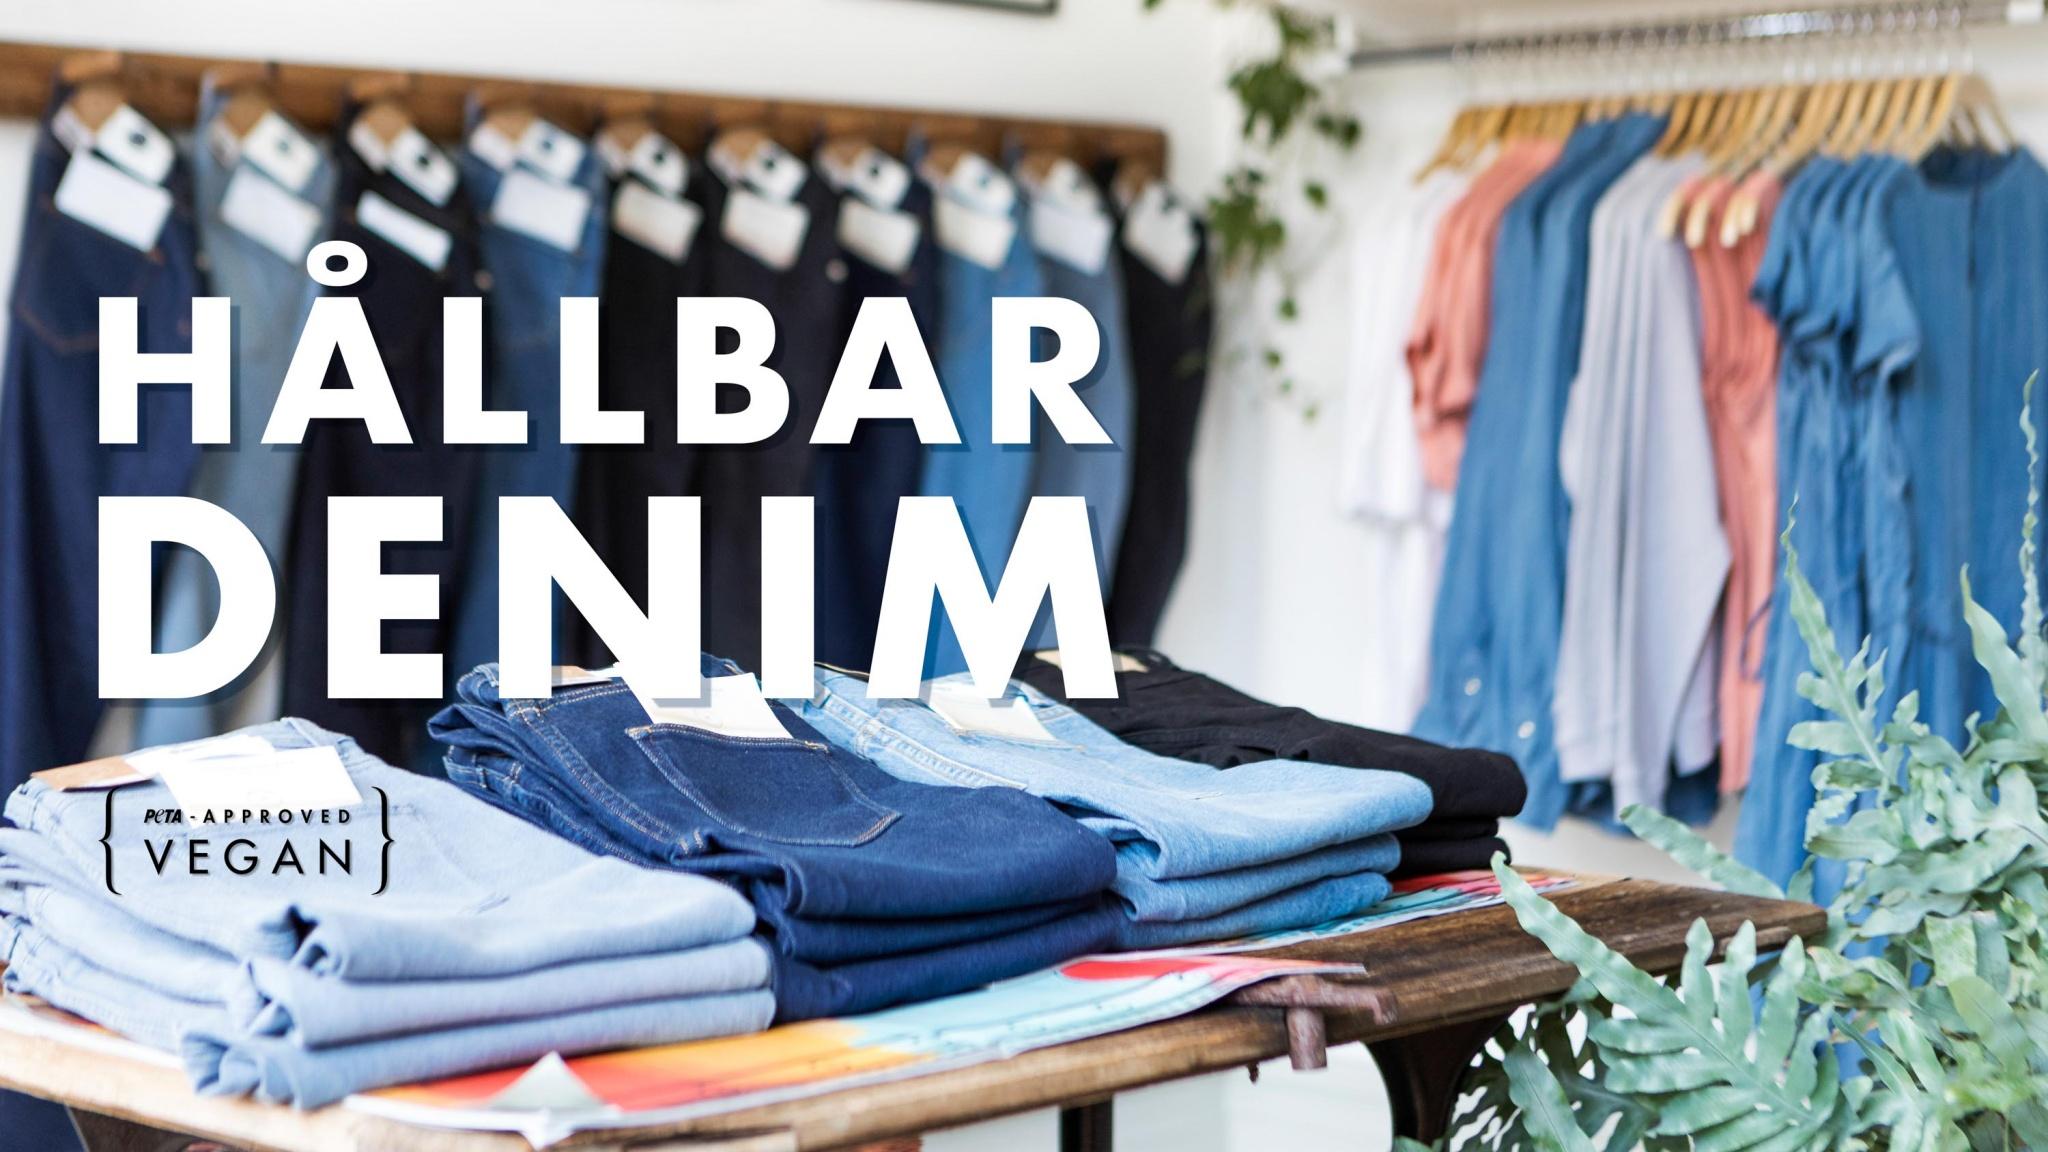 Hållbara jeans